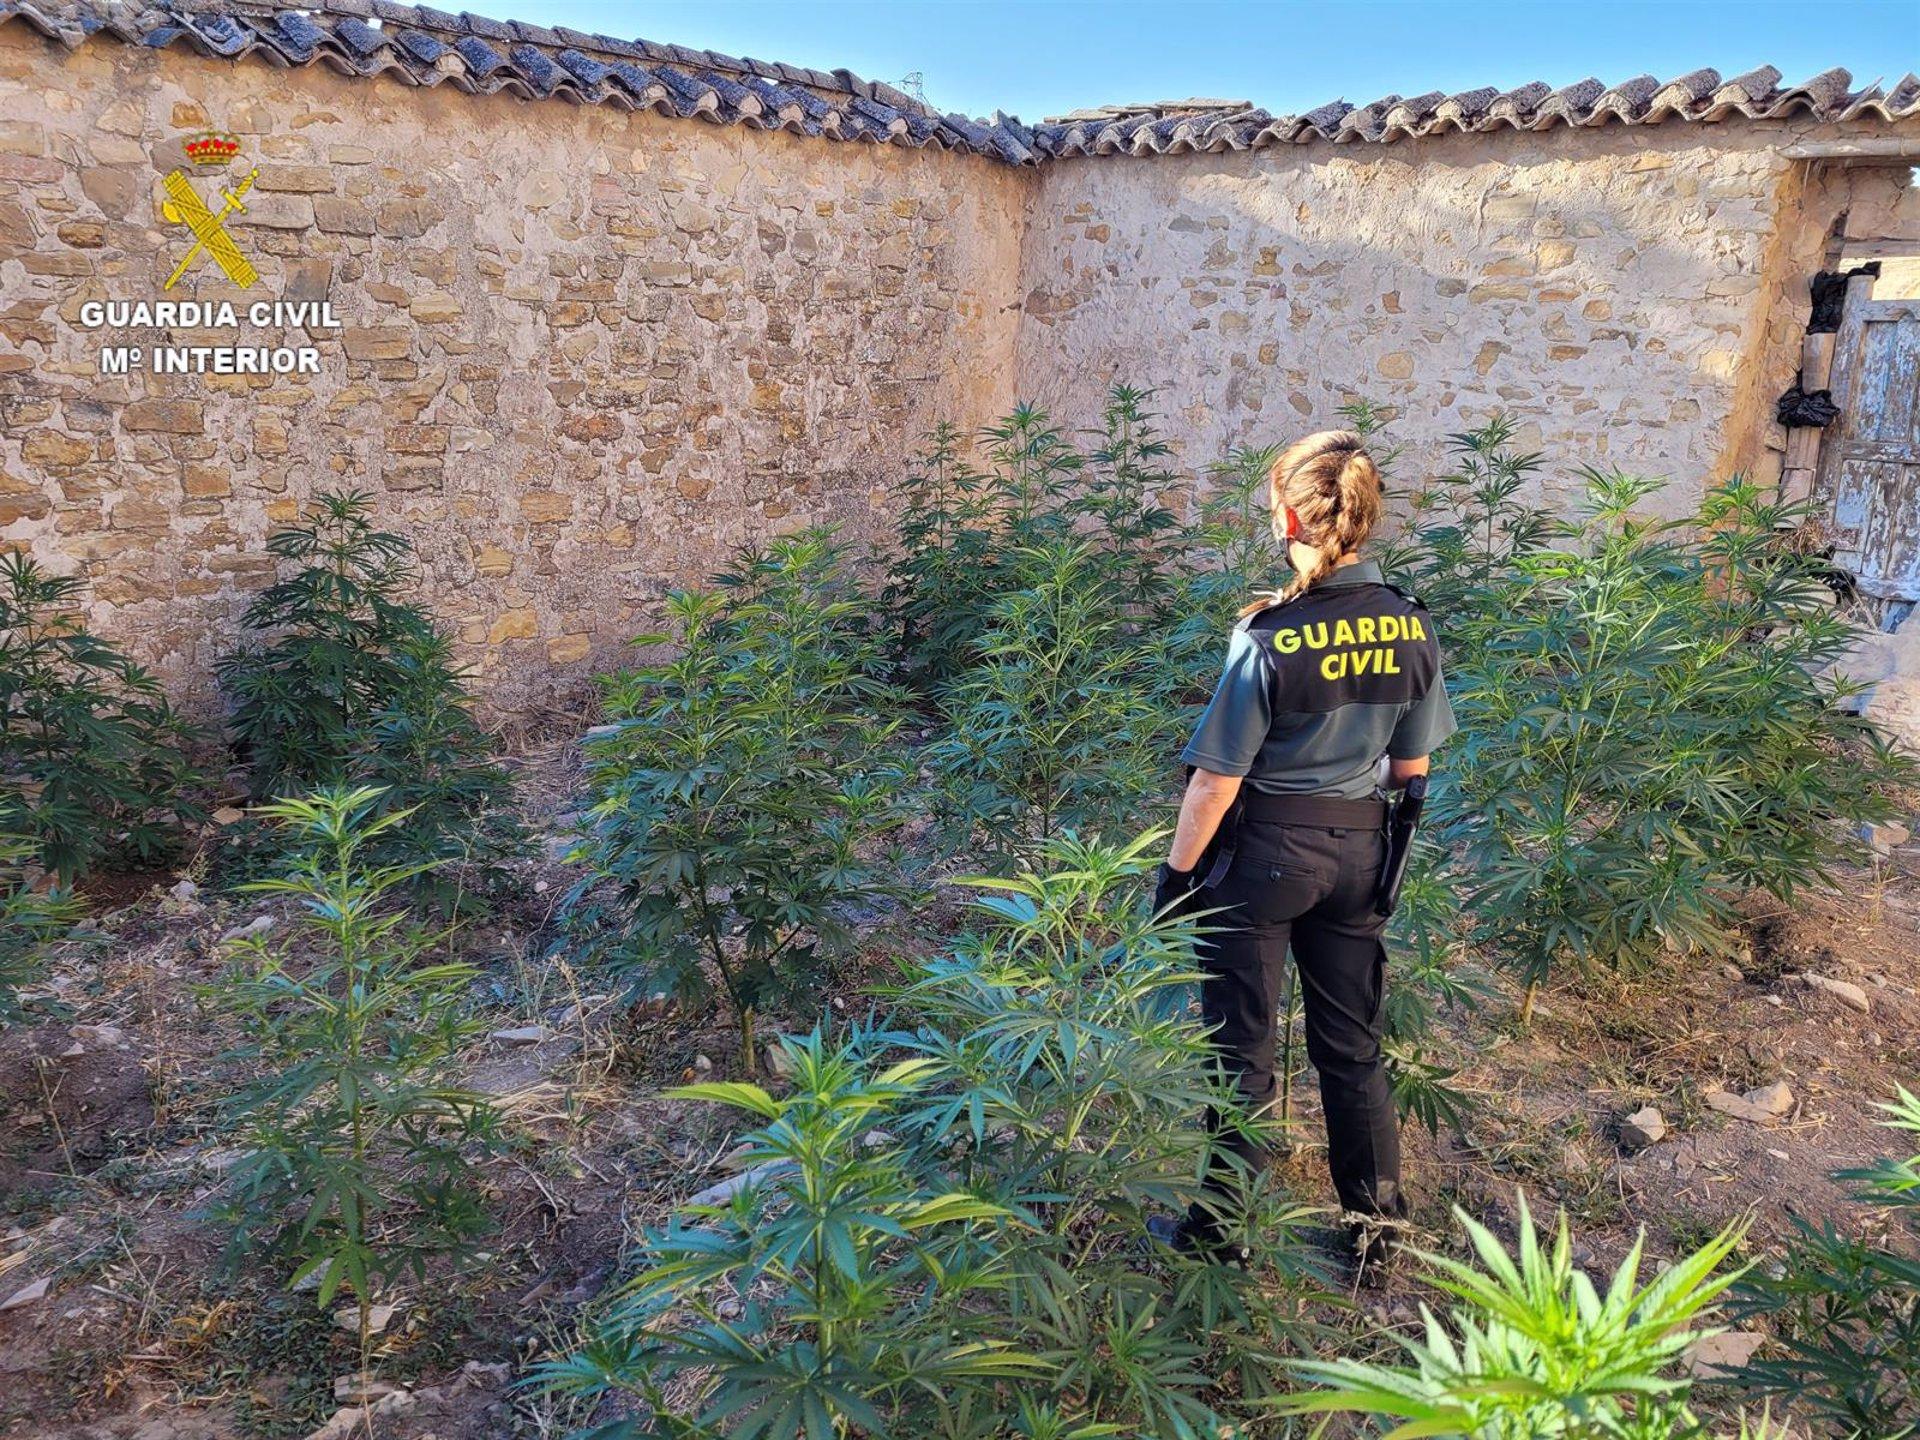 A disposición judicial tres personas por cultivar marihuana en Guadahortuna y Saleres